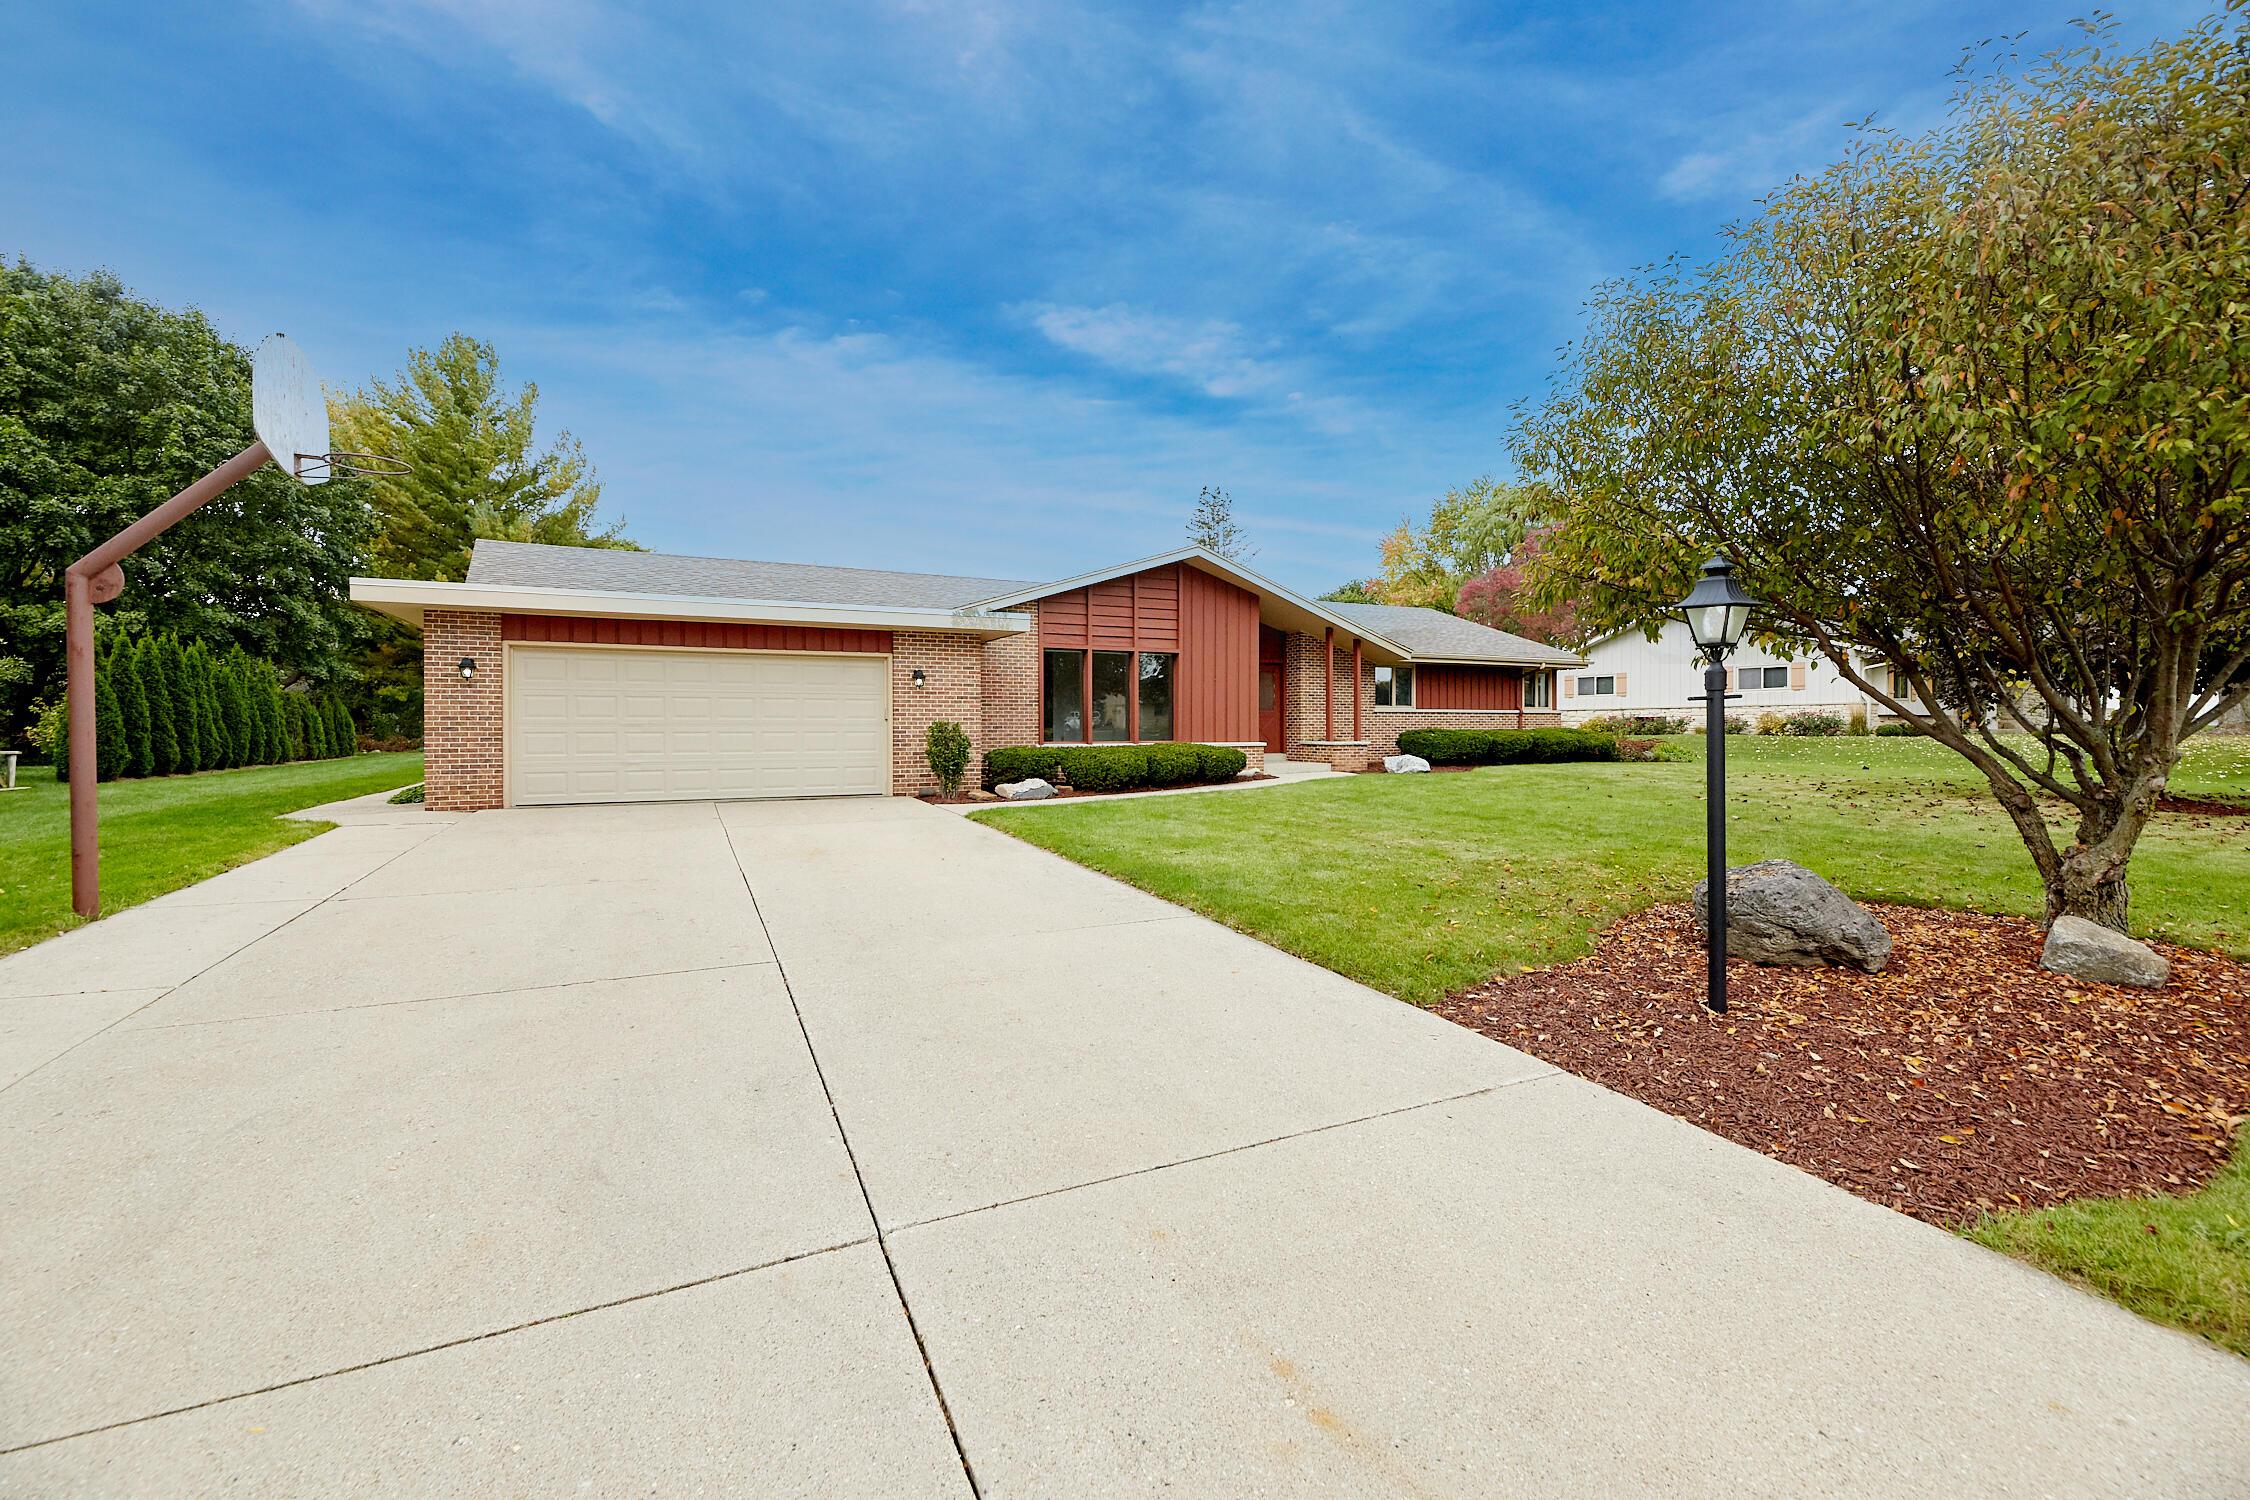 3715 Arroyo Rd, Brookfield, Wisconsin 53045, 3 Bedrooms Bedrooms, 9 Rooms Rooms,2 BathroomsBathrooms,Single-Family,For Sale,Arroyo Rd,1767000